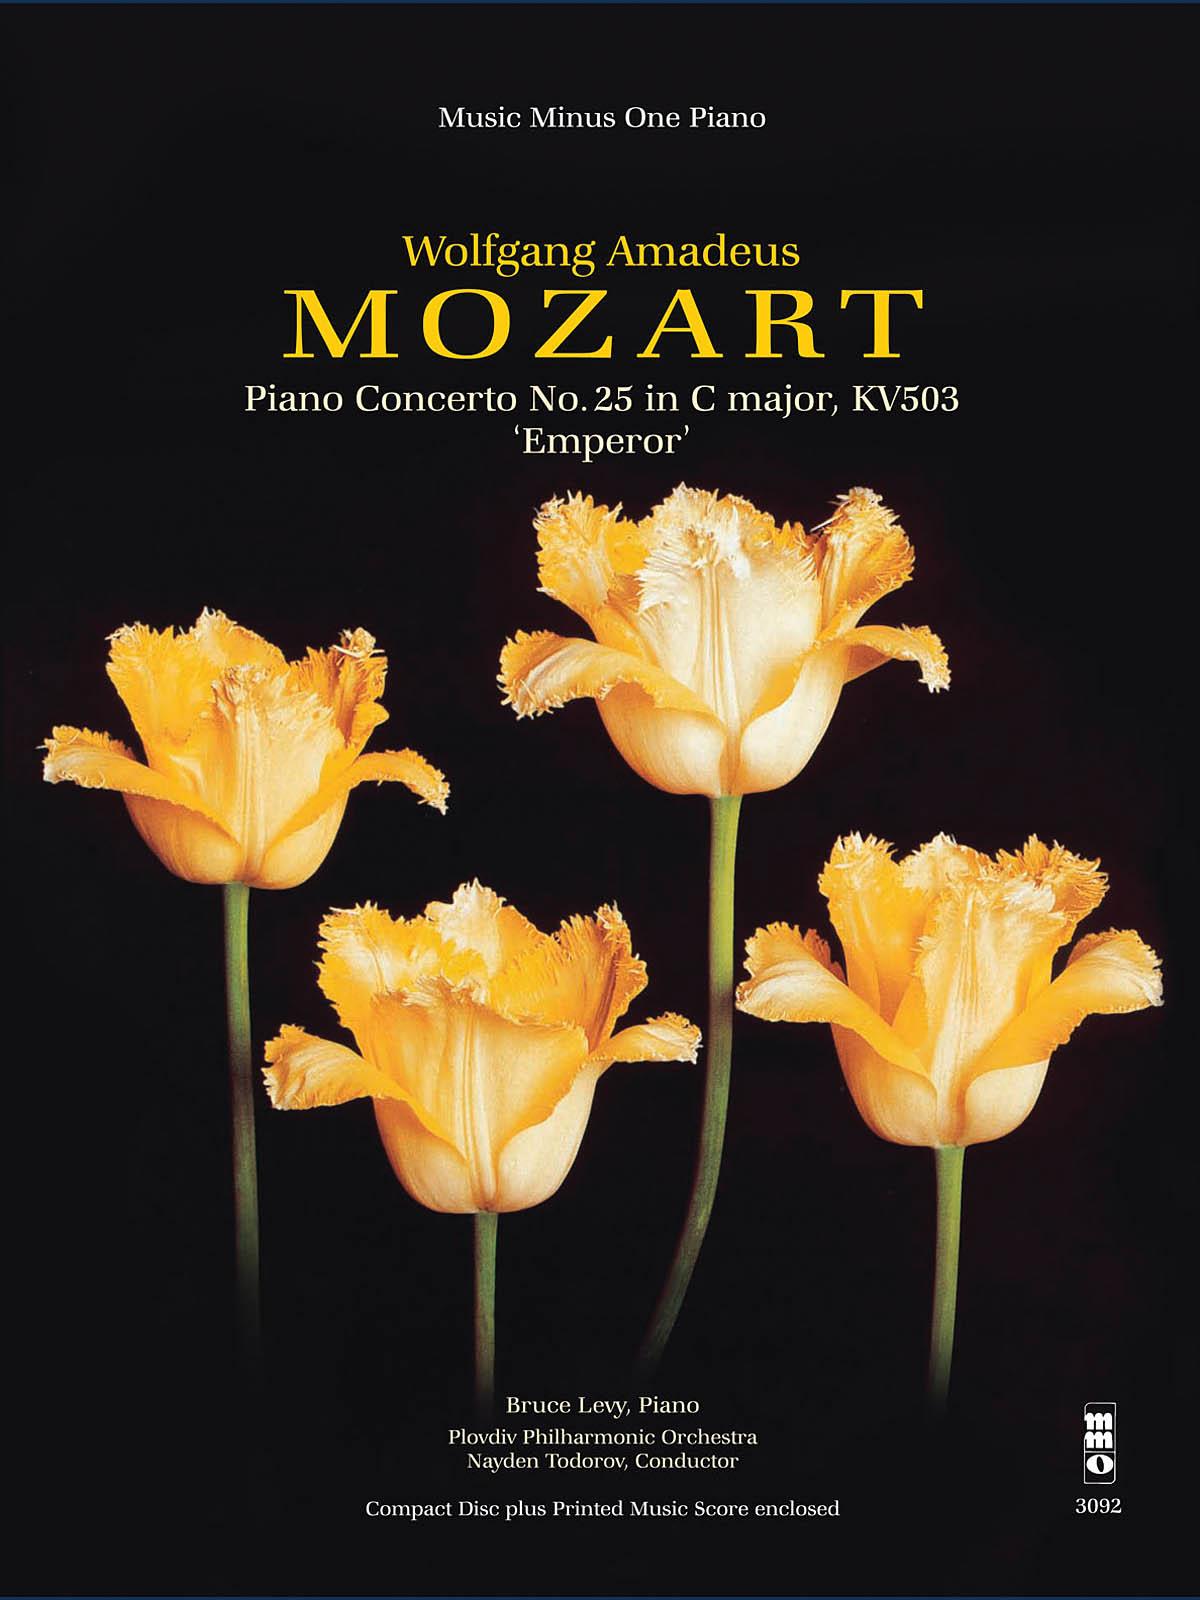 Wolfgang Amadeus Mozart: Piano Concerto No. 25 in C Major: Piano: Instrumental